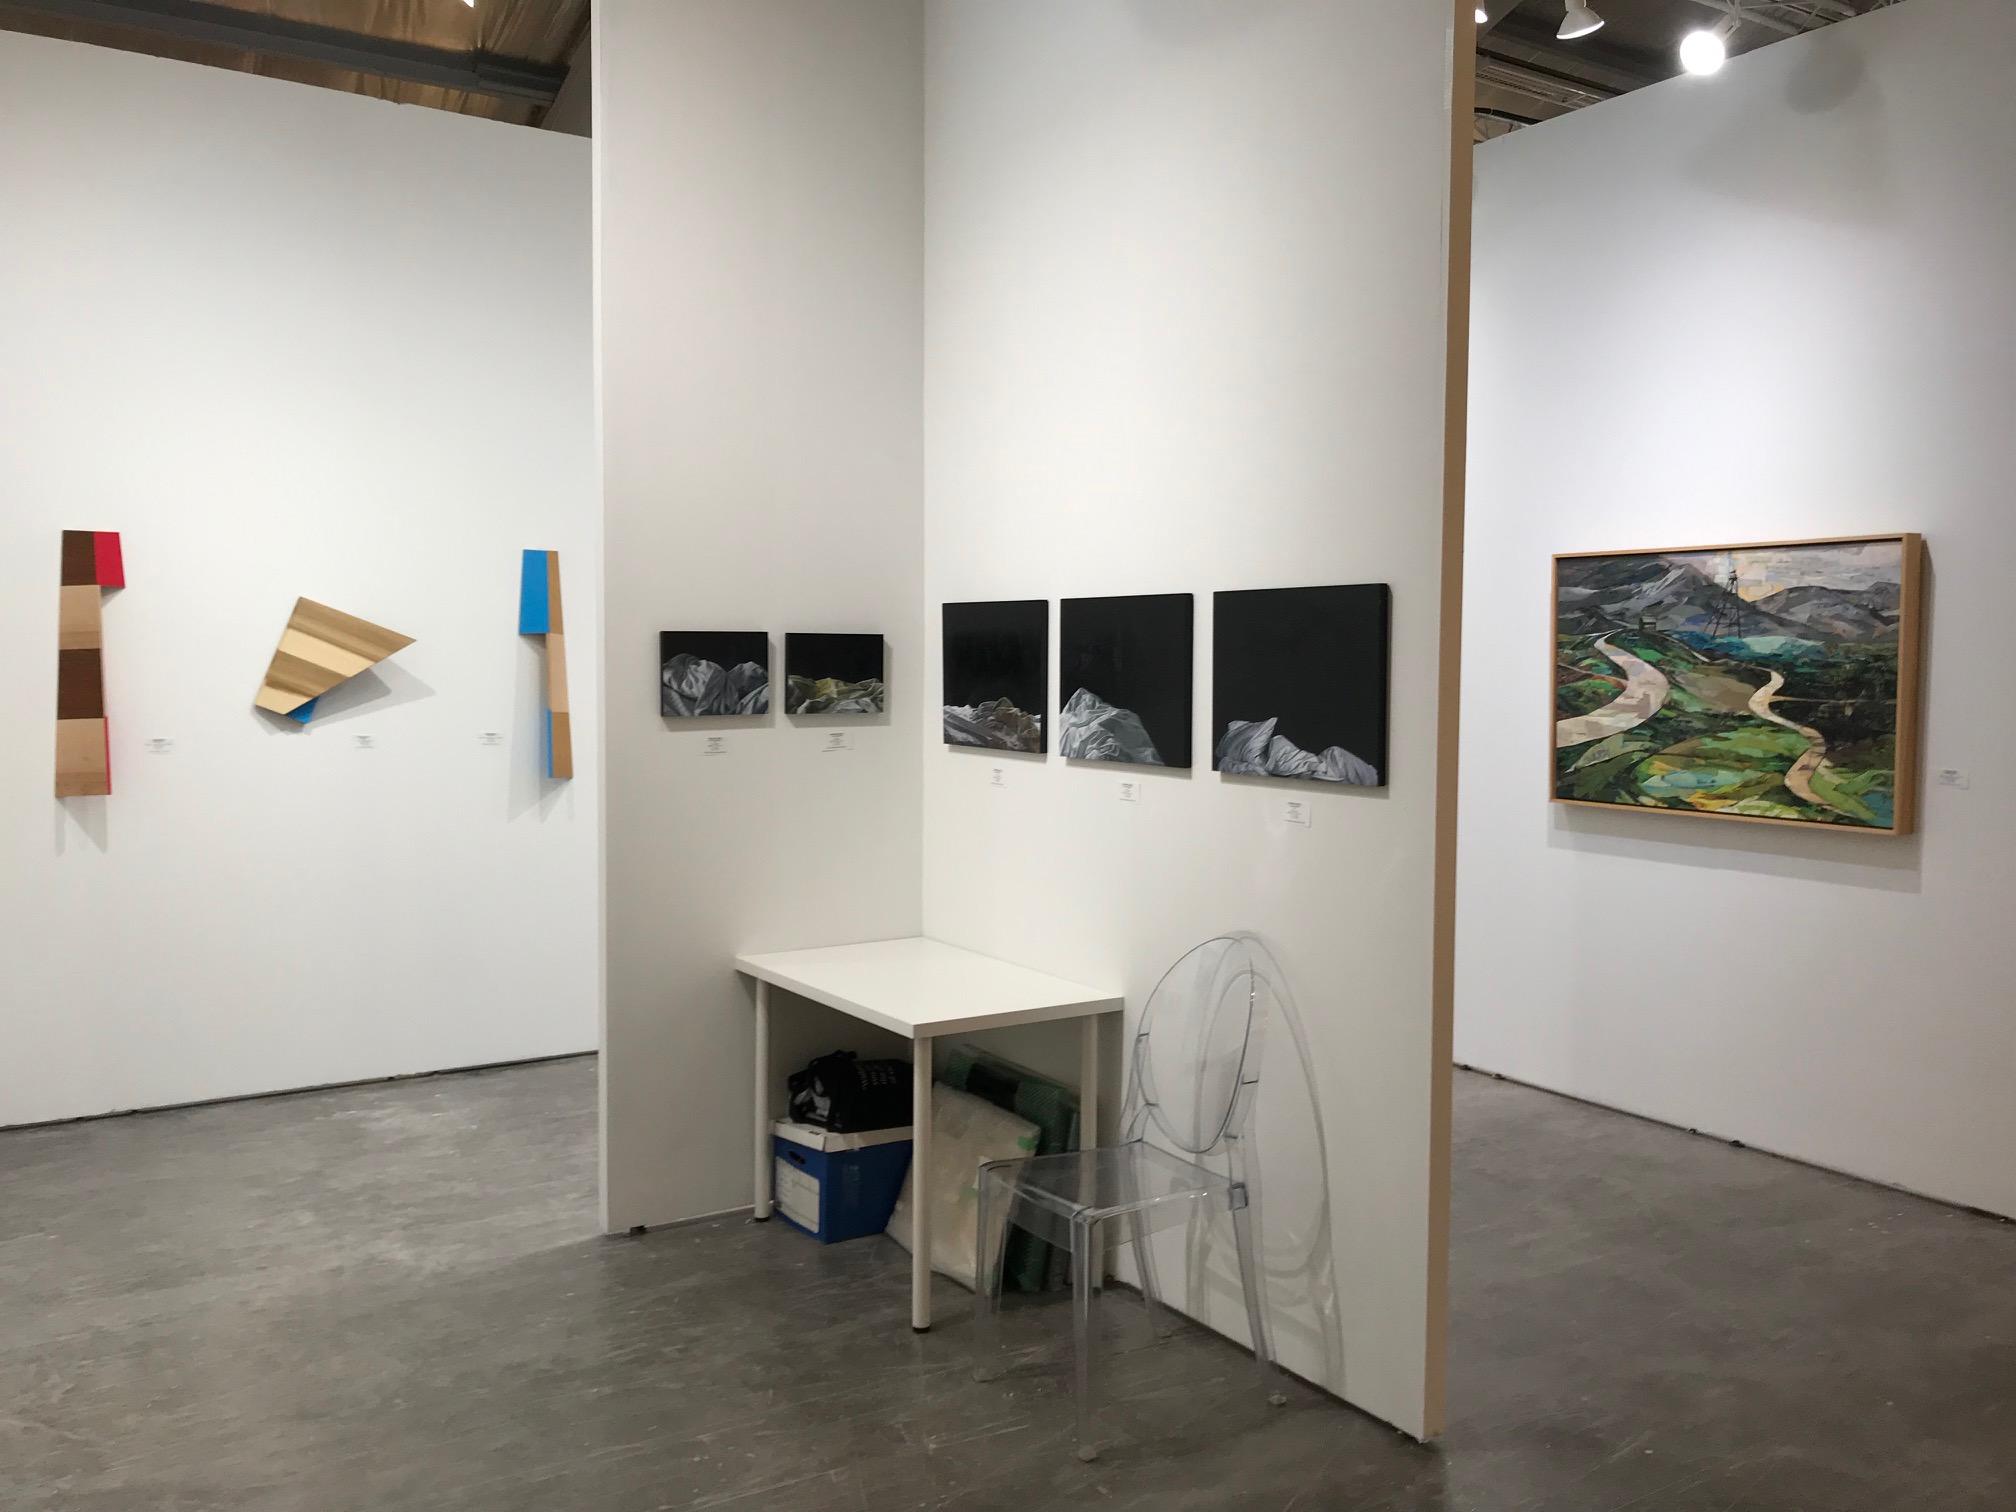 Art Aspen, July 25 - 28, 2019